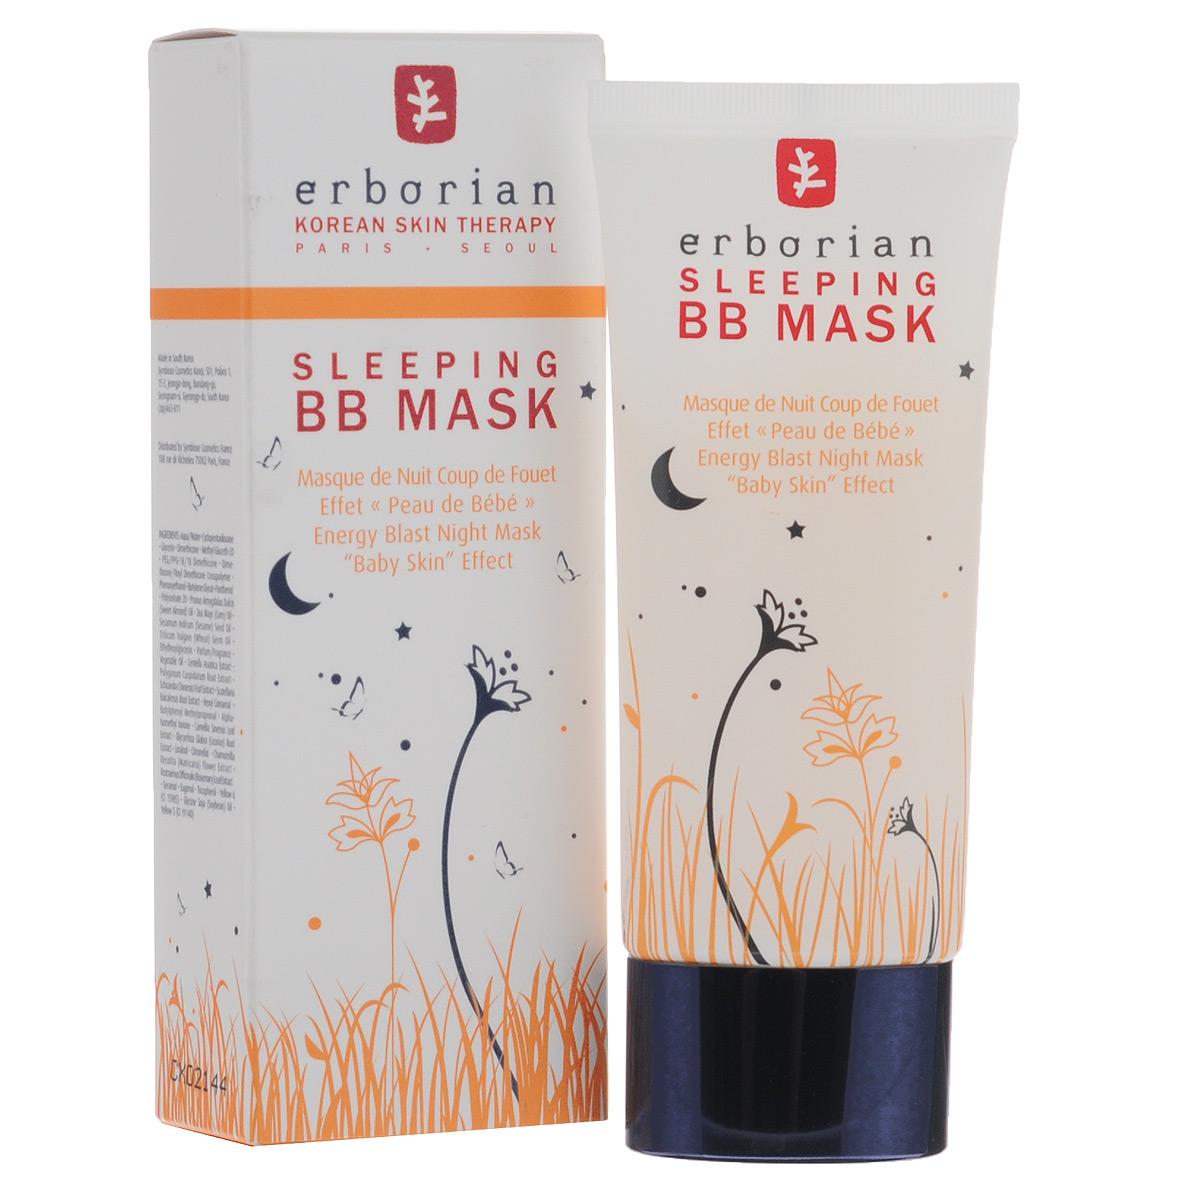 Erborian ВВ-маска для лица Восстанавливающий уход, ночная, 50 мл780642Ночная ВВ-маска - новый ритуал для обретения безупречной кожи.Маска - кокон преображает лицо ночью во время сна: кожа становится удивительно нежной и бархатистой.Ночная ВВ-маска содержит комплекс целебных трав в высокой концентрации. Они веками применялись в Азии и ценятся за свои антивозрастные свойства.Революционная формула:- Делает кожу нежной и бархатистой, как у младенца. - Интенсивно восстанавливает уставшую кожу, потерявшую тонус.- Увлажняет и укрепляет кожу, как после спа-процедур. Товар сертифицирован.